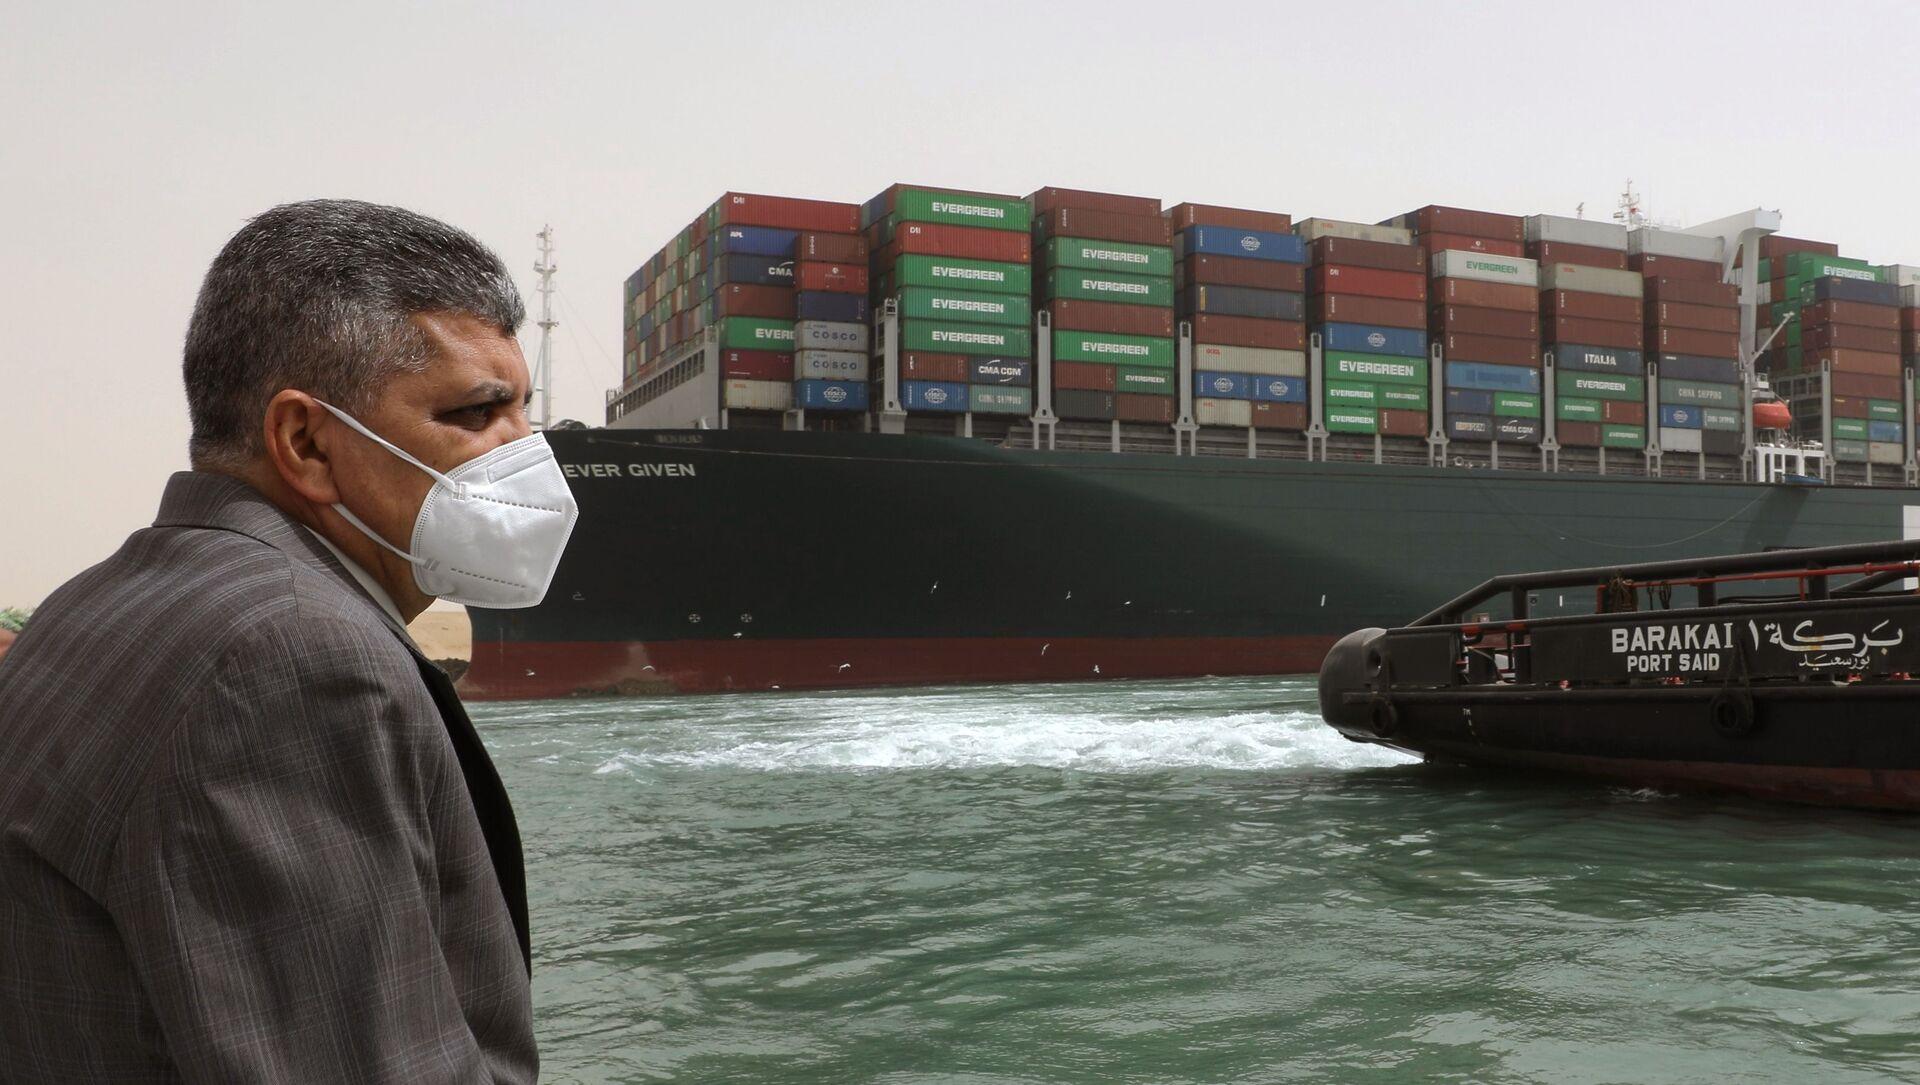 Trưởng cơ quan quản lý kênh đào Suez, trung tướng Osama Rabia chỉ đạo công việc giải tỏa kênh đào Suez. - Sputnik Việt Nam, 1920, 29.03.2021